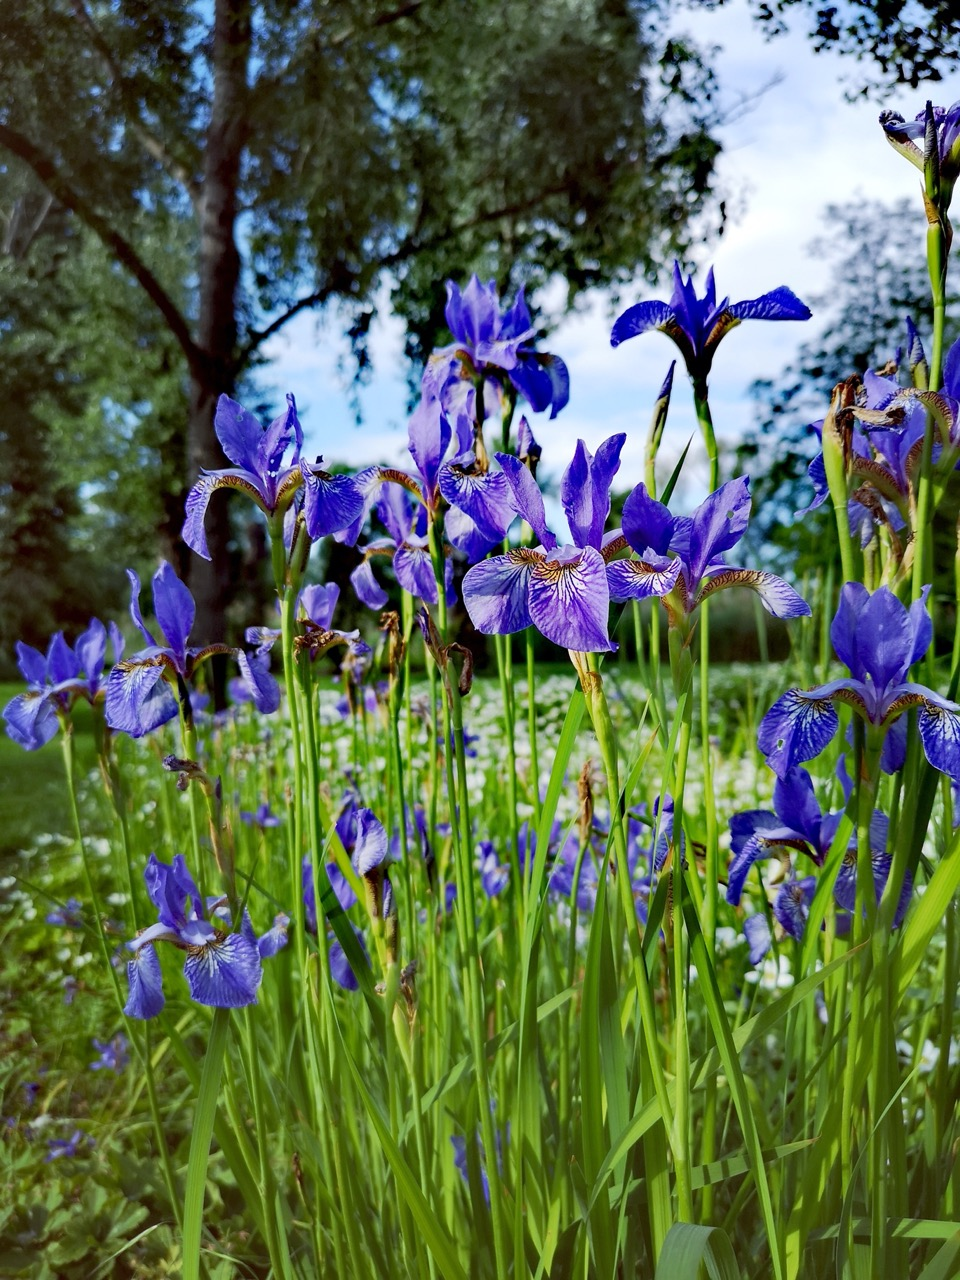 Field of tall purple flowers